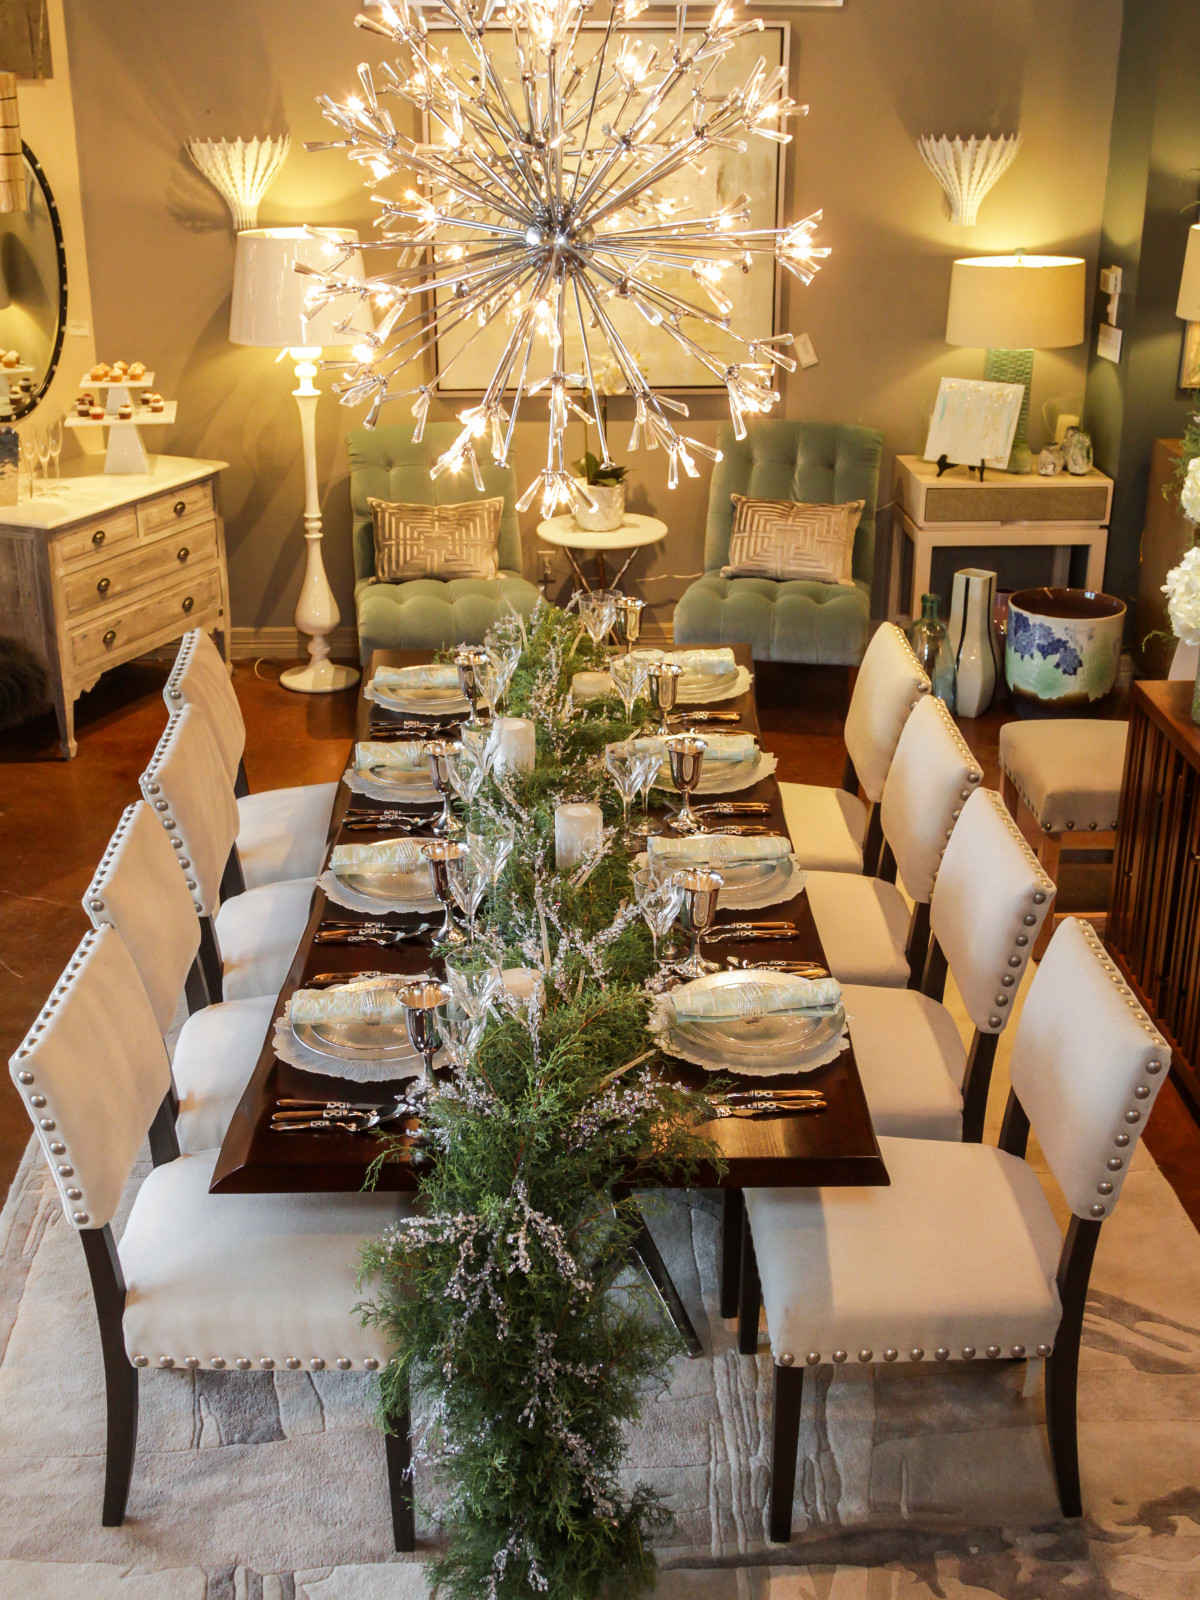 News, Houston Design Center, Deck the Tables, Dec. 2015 Design House